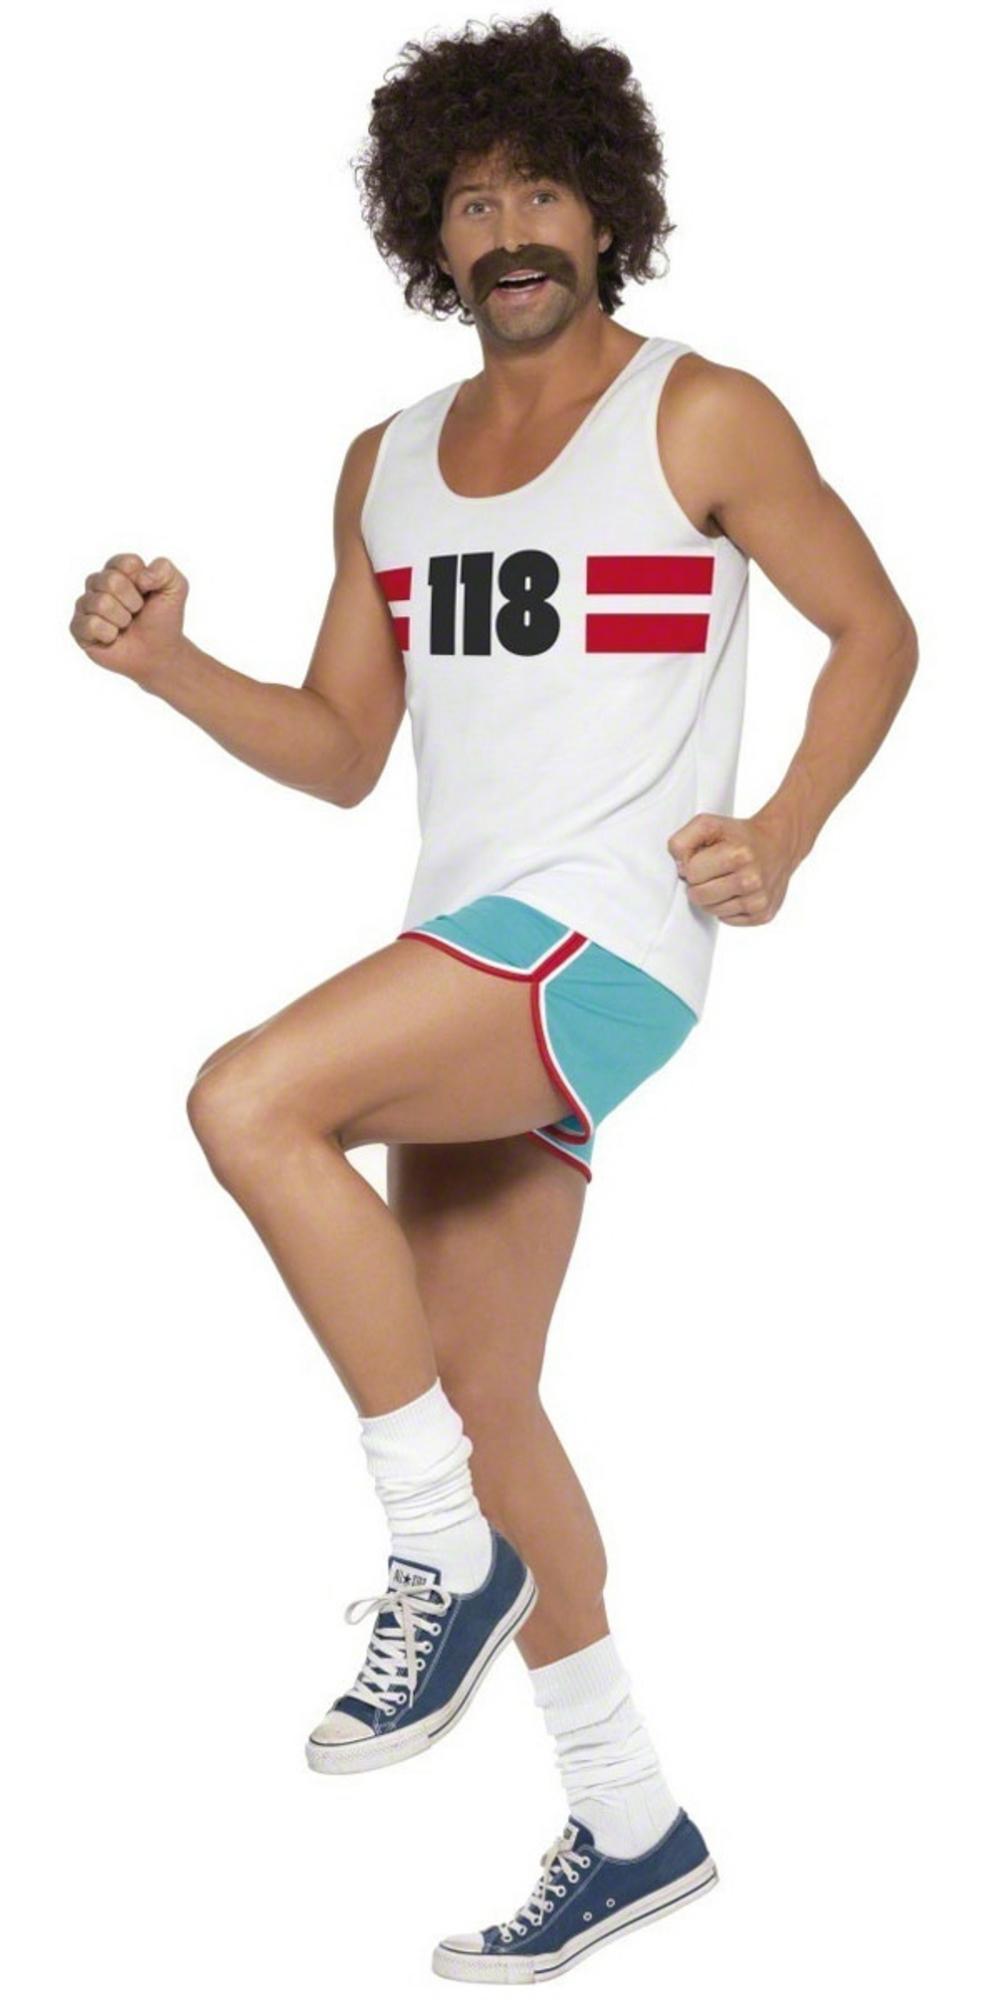 118118 Male Runner Costume